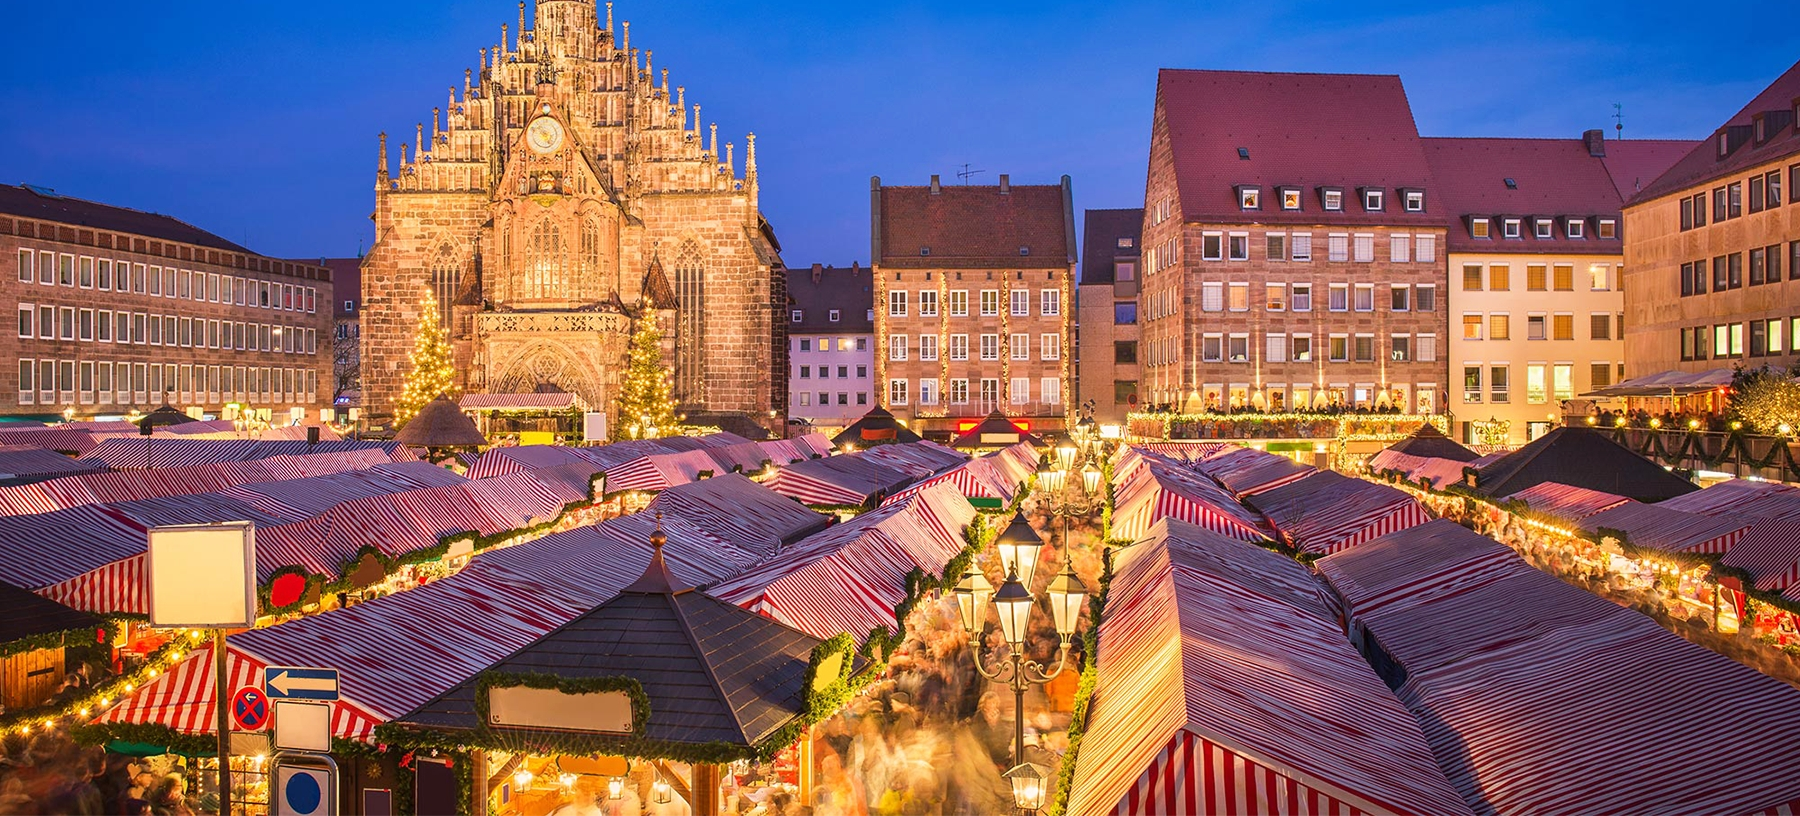 Zájezd do Norimberku na adventní trhy pro 1 osobu